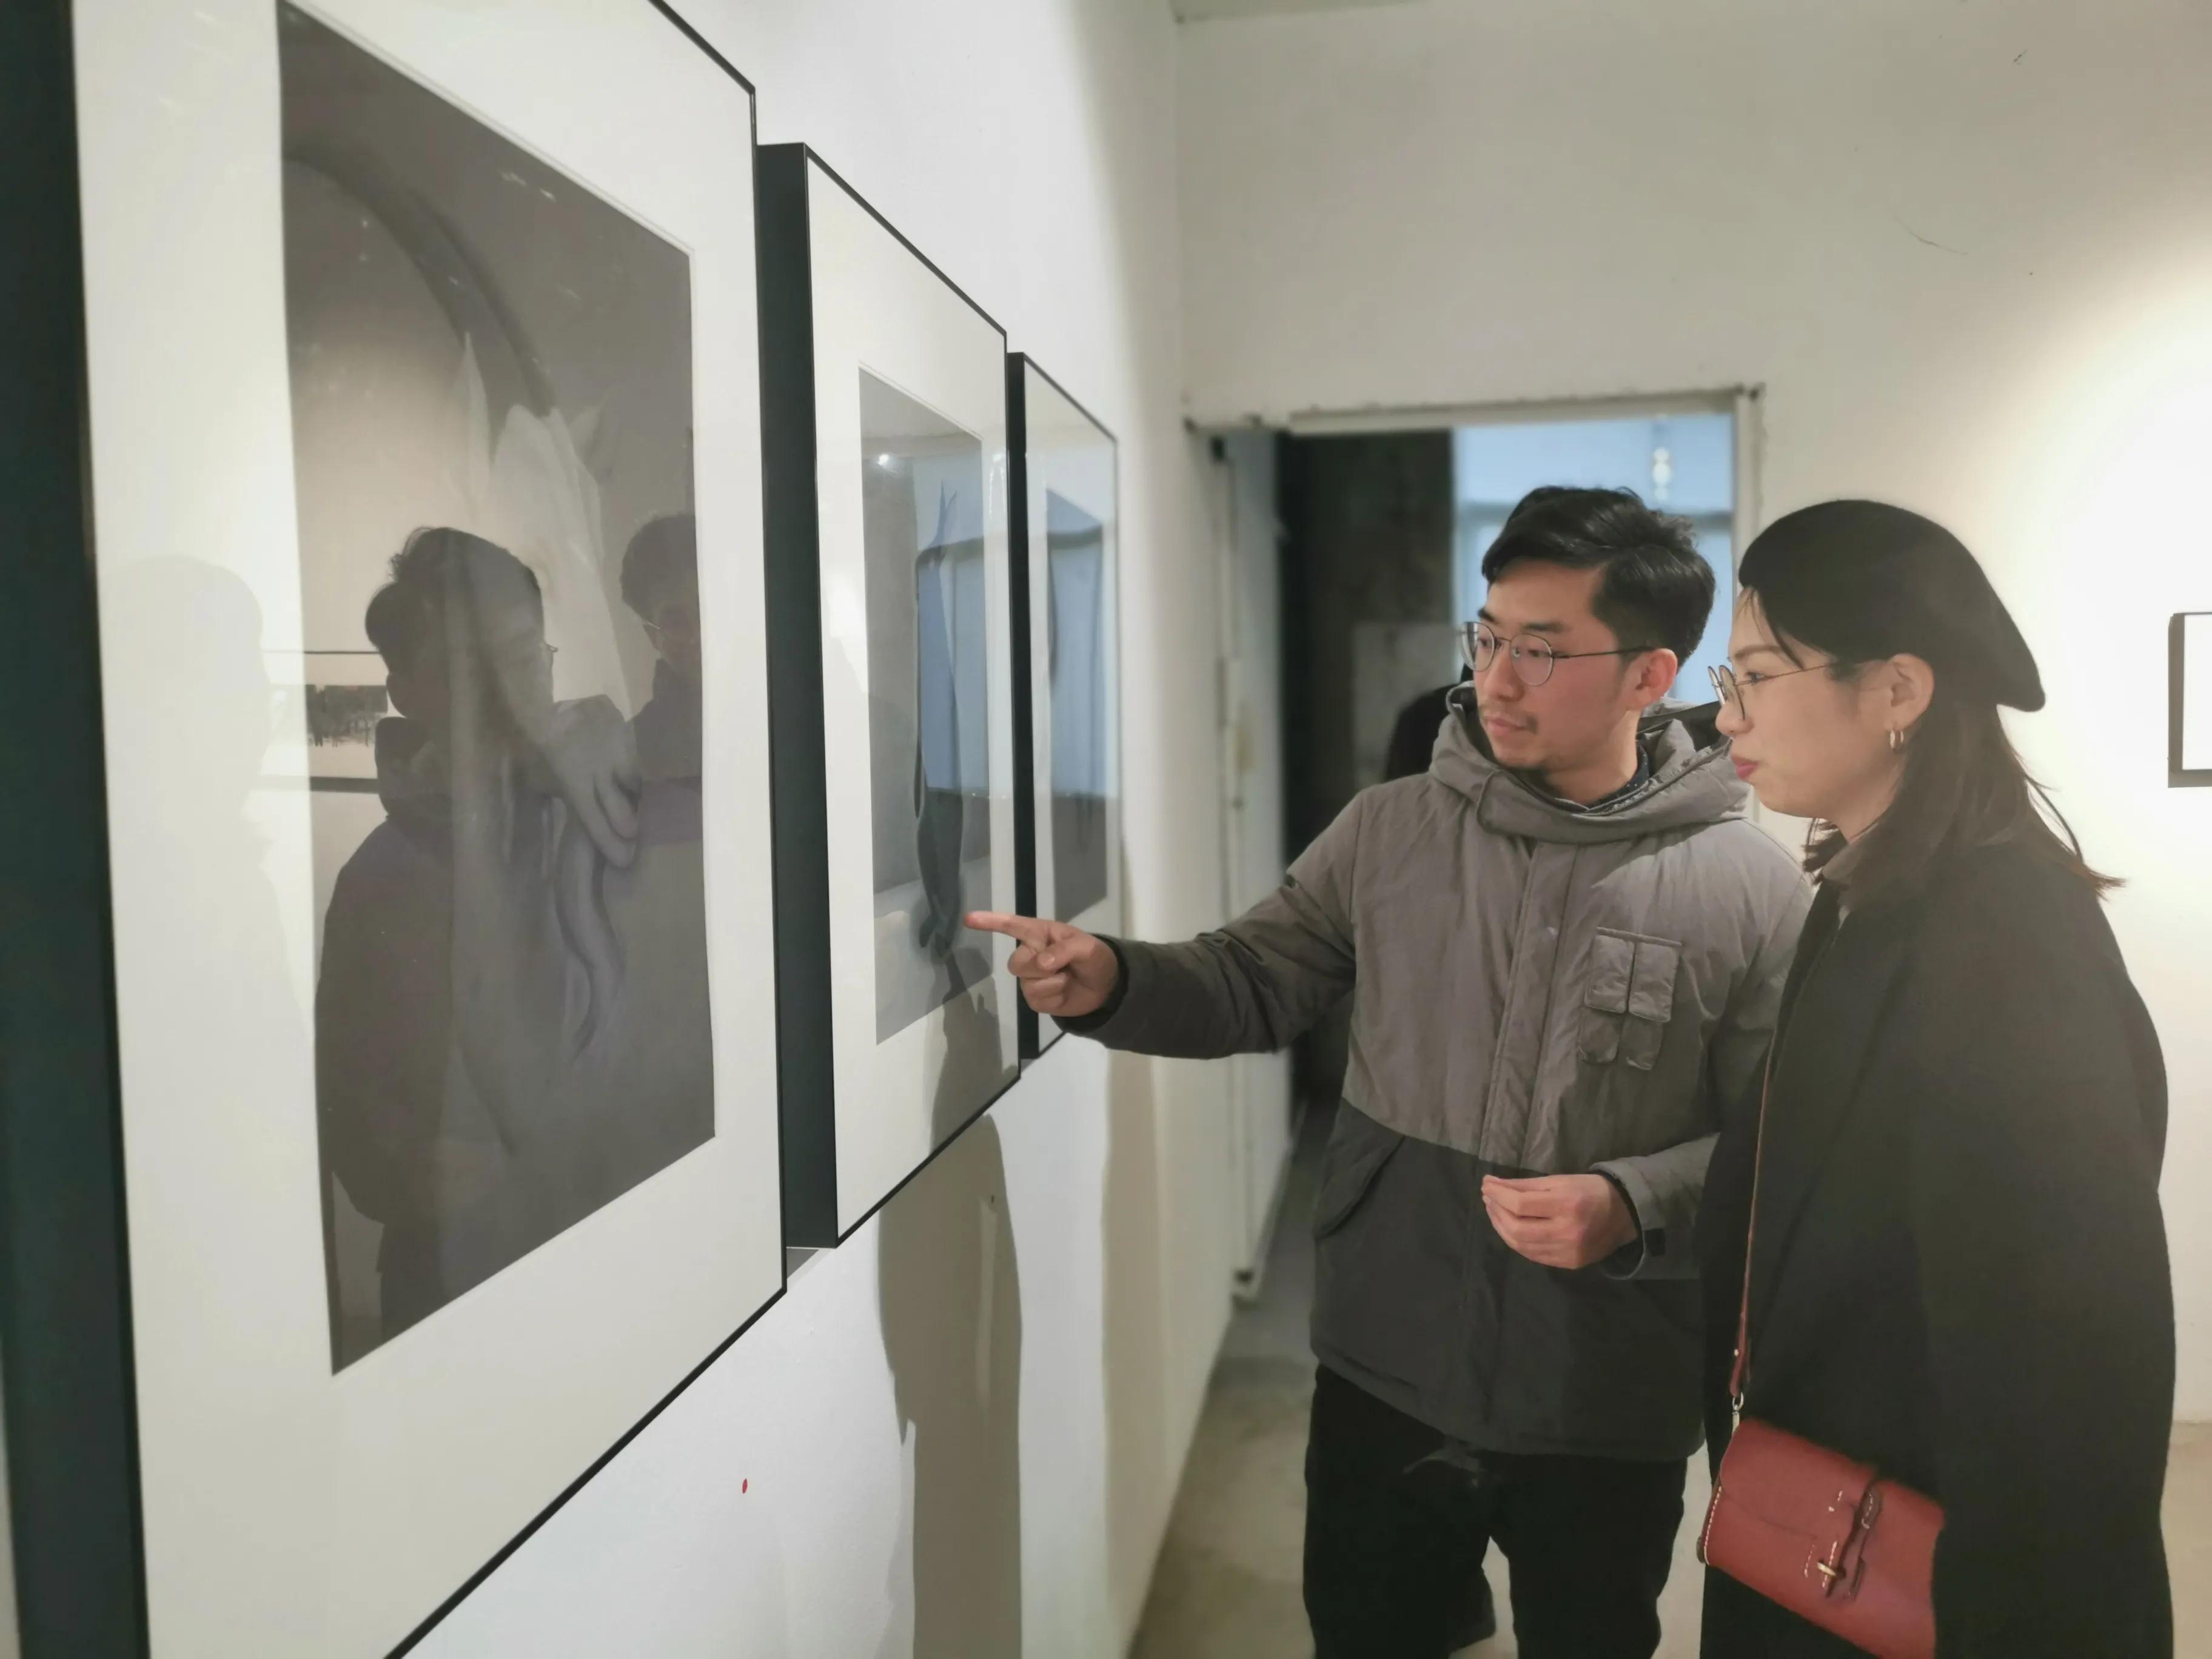 艺术家王明之个展《寓言》在福州半山空间开幕,为期两个月